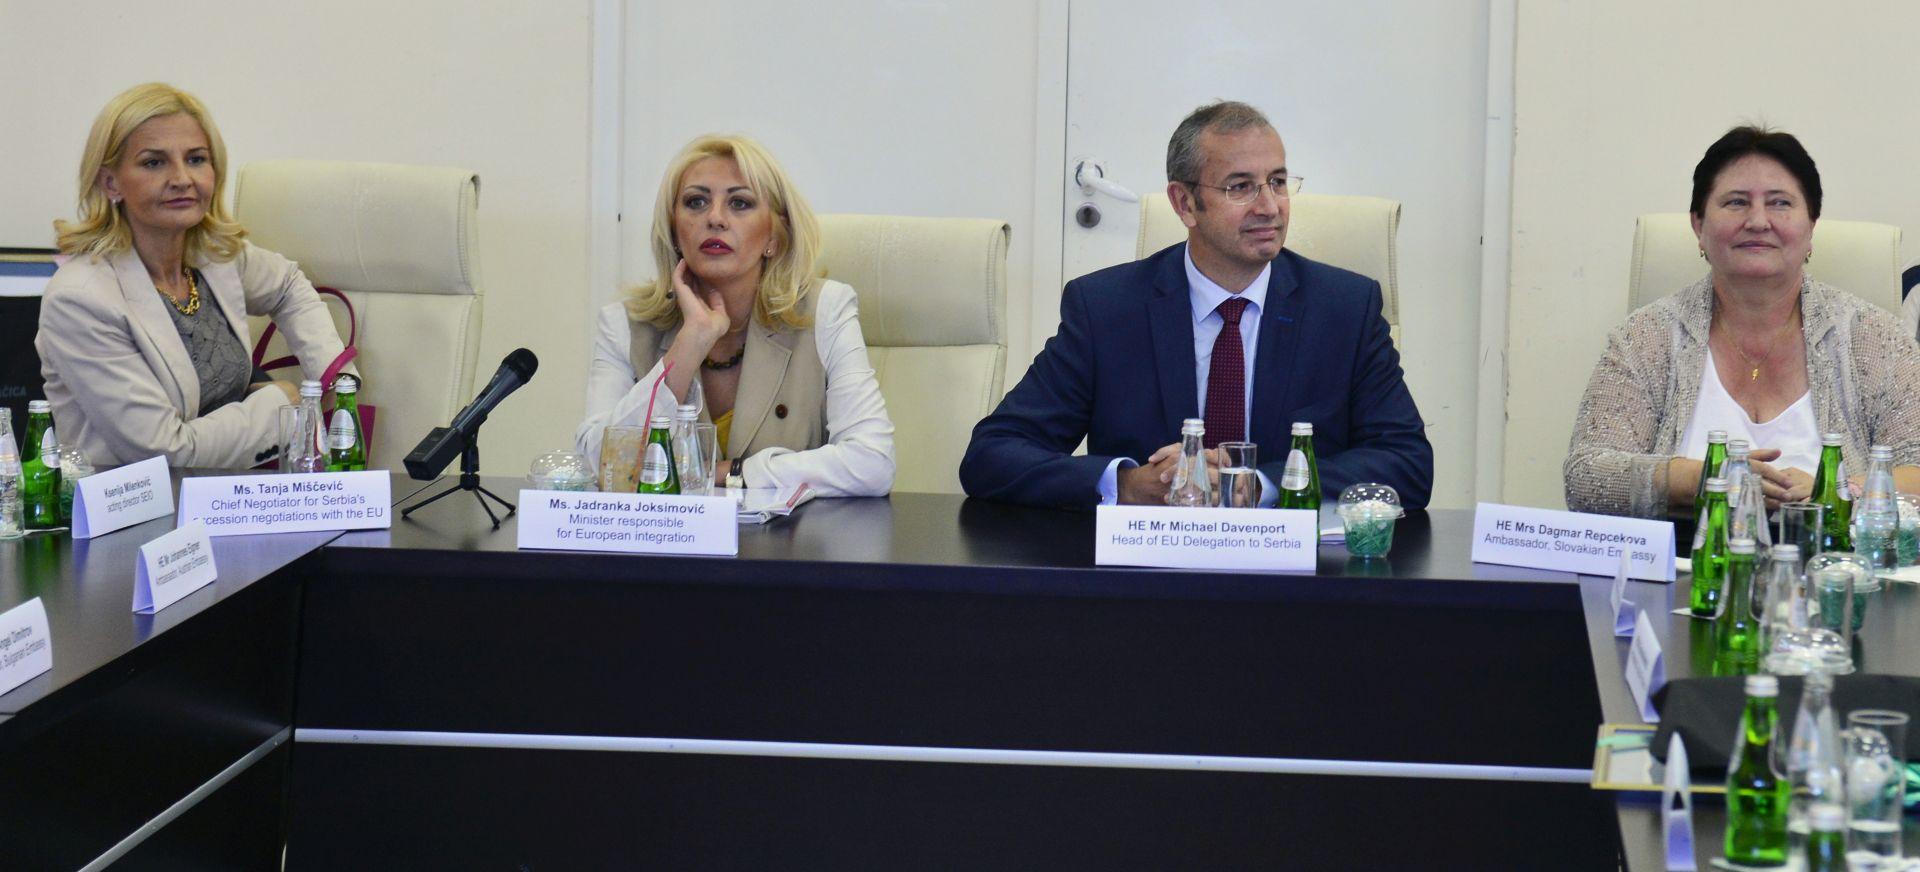 """Srbijanska ministrica potjerala HR novinare: """"Ja određujem kome ću dati izjavu"""""""